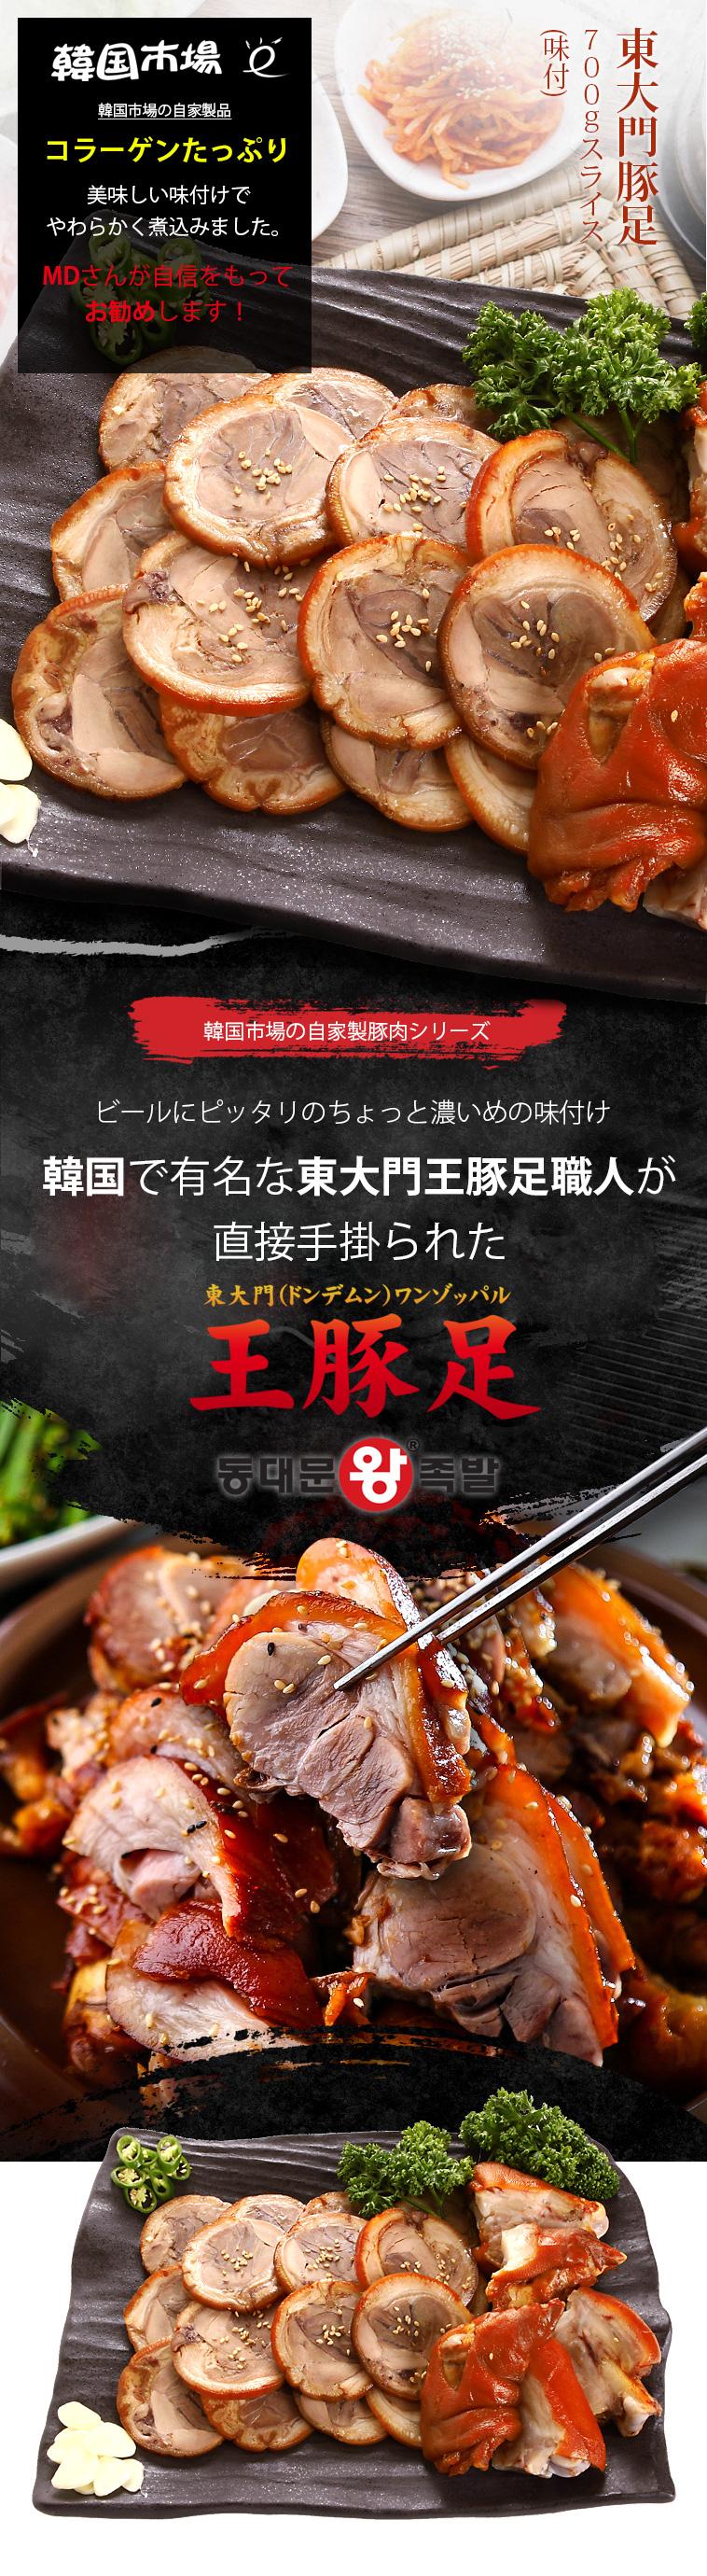 >韓国で有名な東大門王豚足職人が直接手掛られた商品でMDさんが自信をもってお勧めできる商品です。